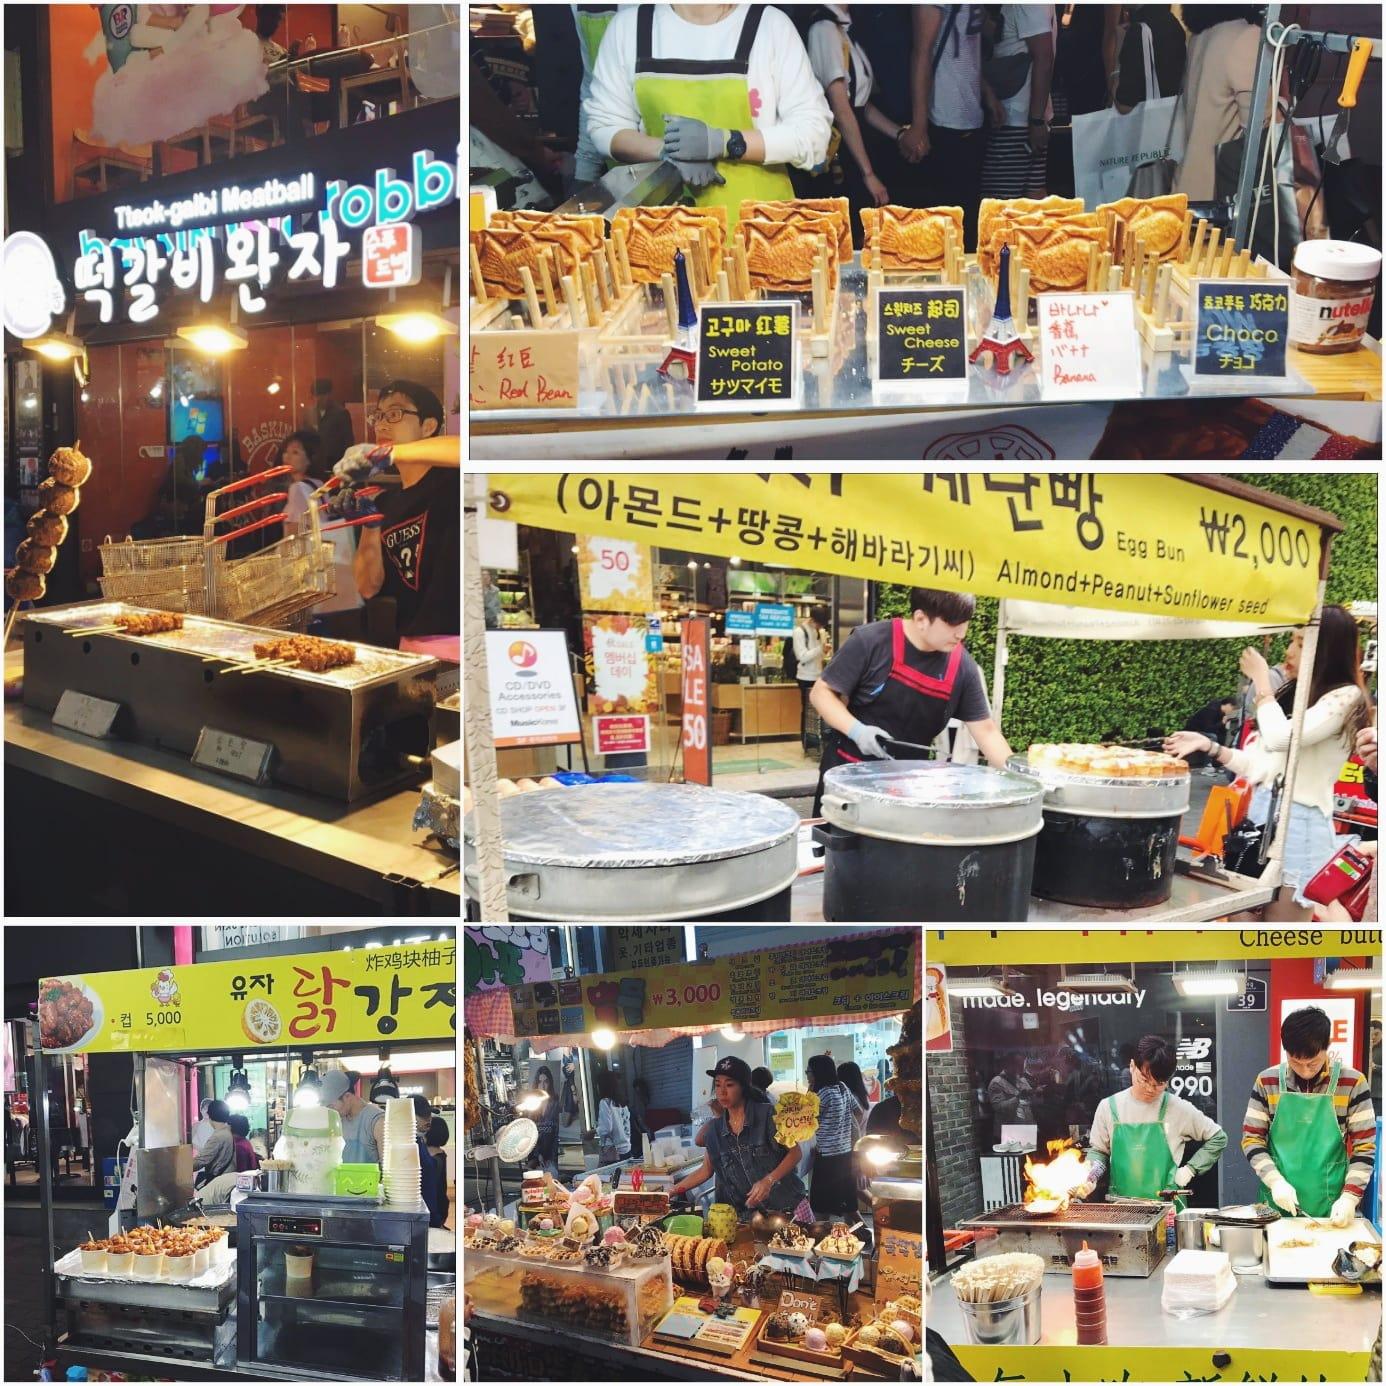 ăn gì ở seoul - ẩm thực đường phố myeongdong